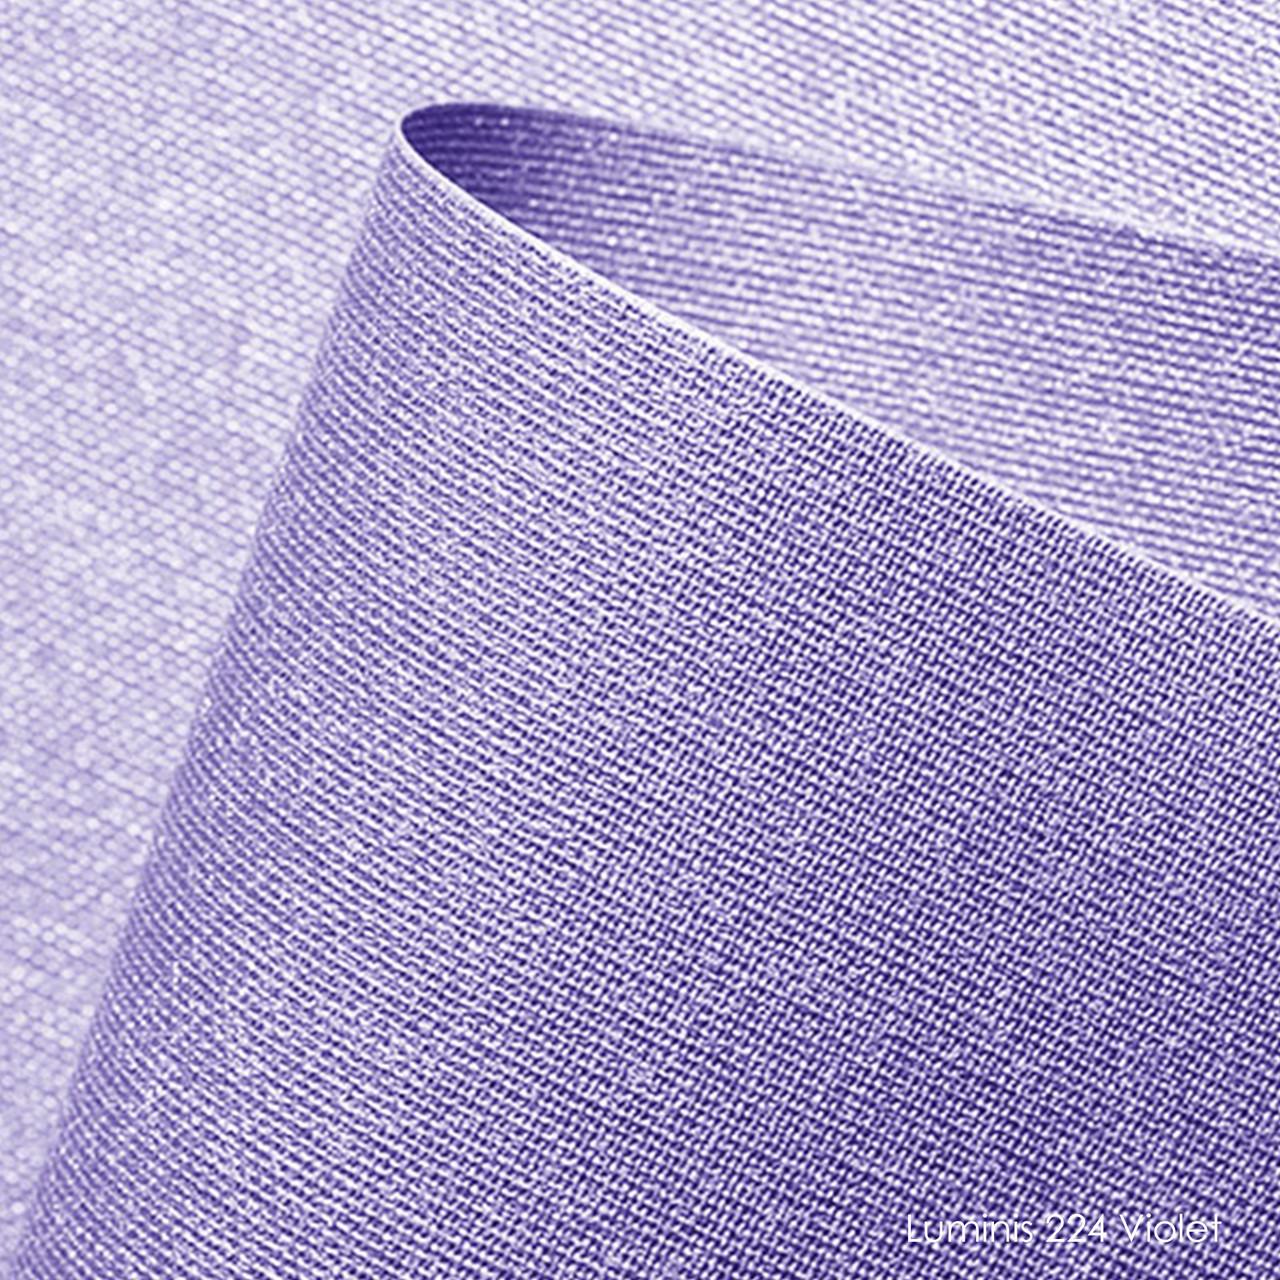 Ролеты тканевые Luminis-224 violet